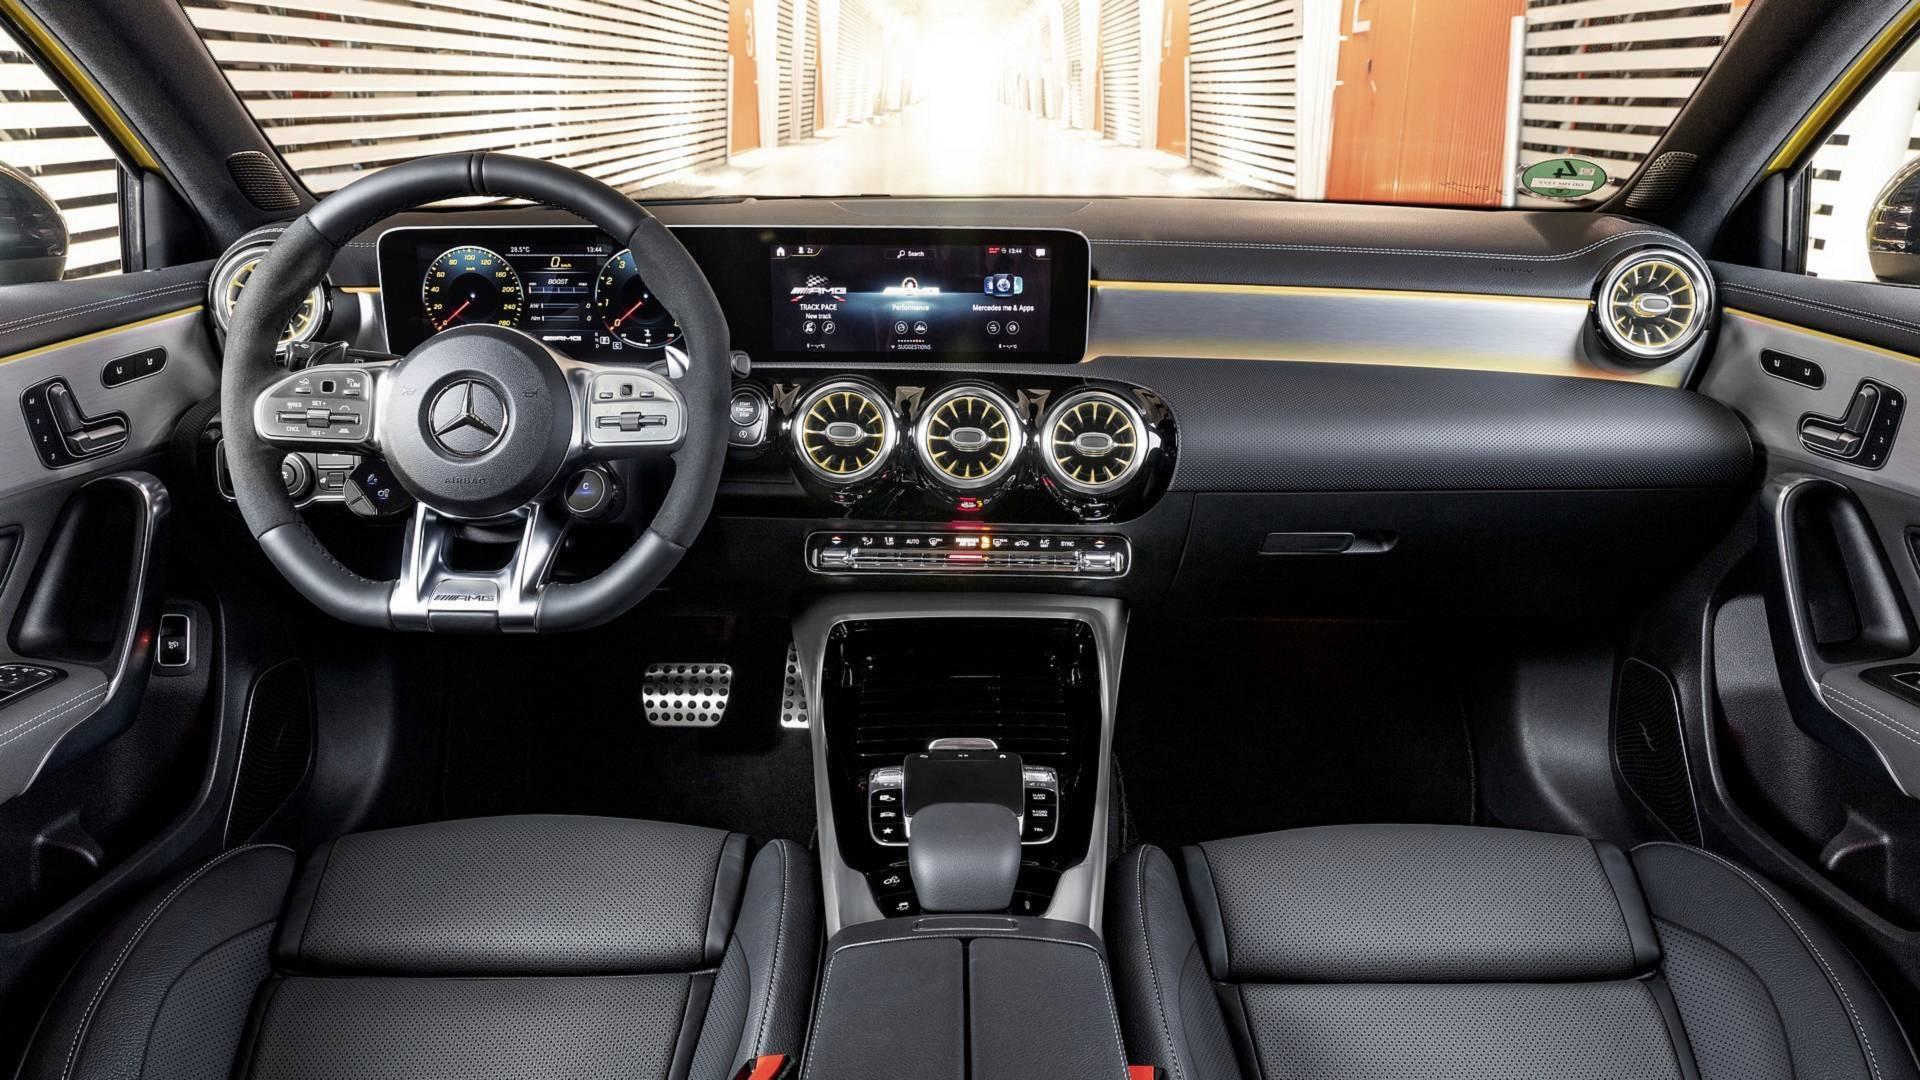 Mercedes-Benz A35 AMG. Foto: Divulgação